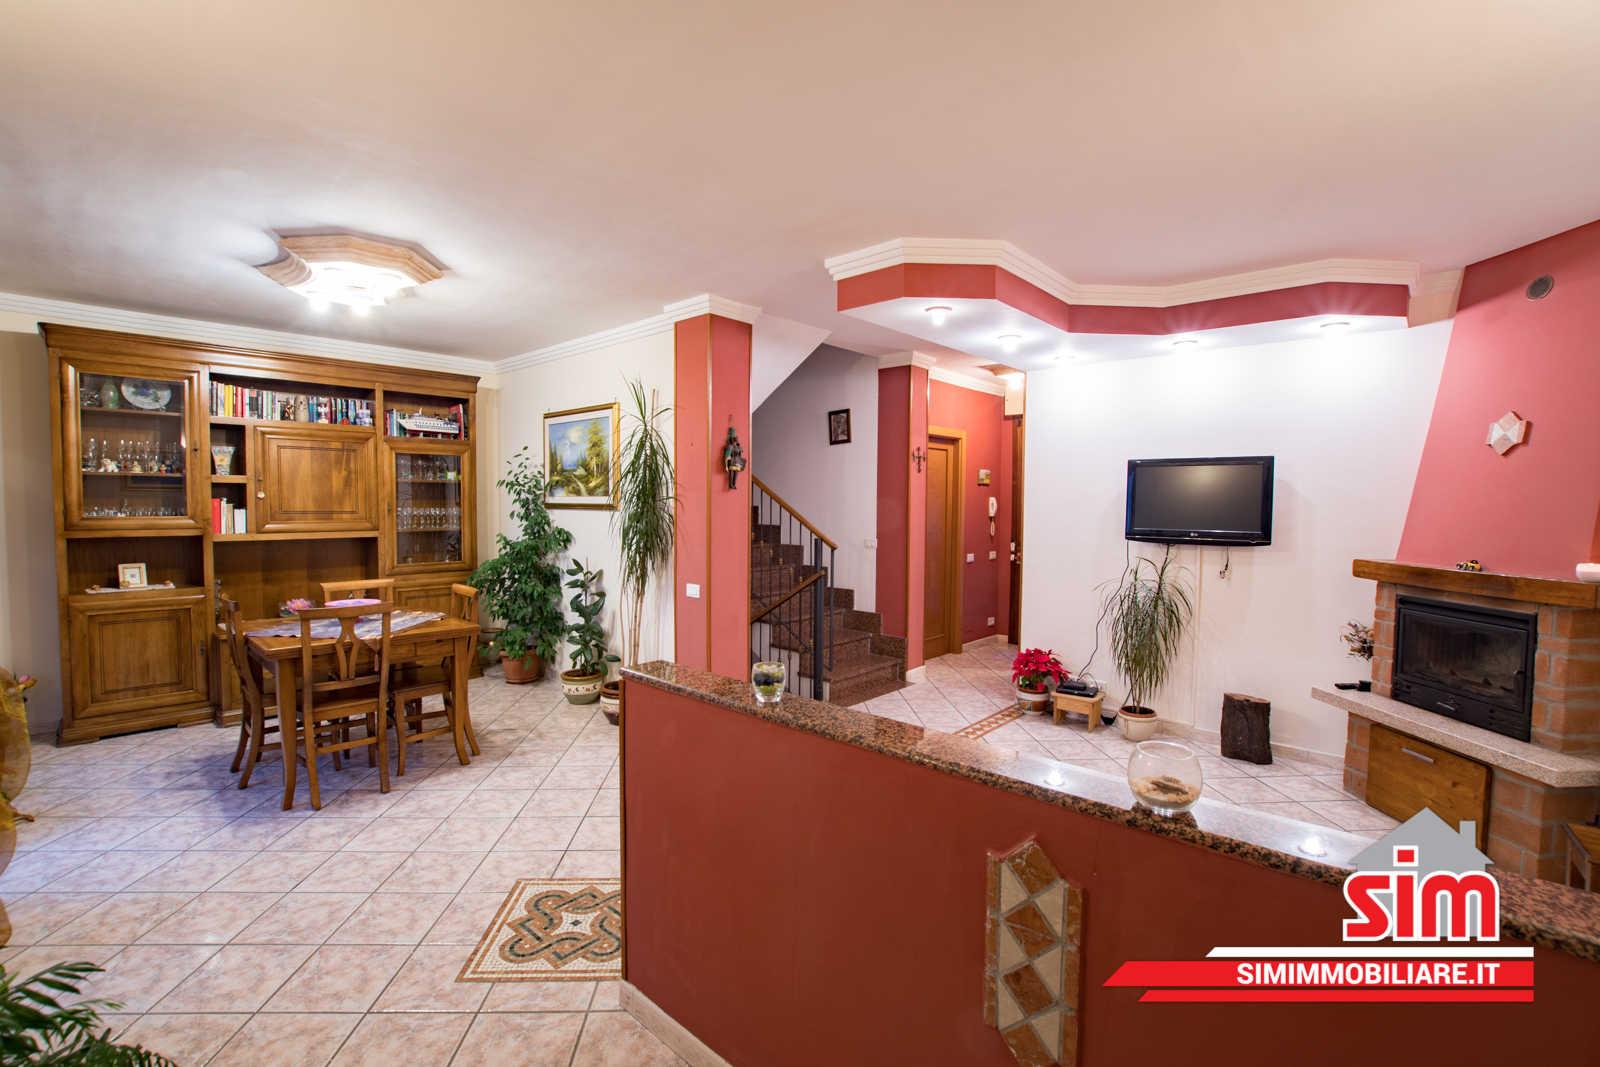 Agenzie immobiliari in franchising a Novara